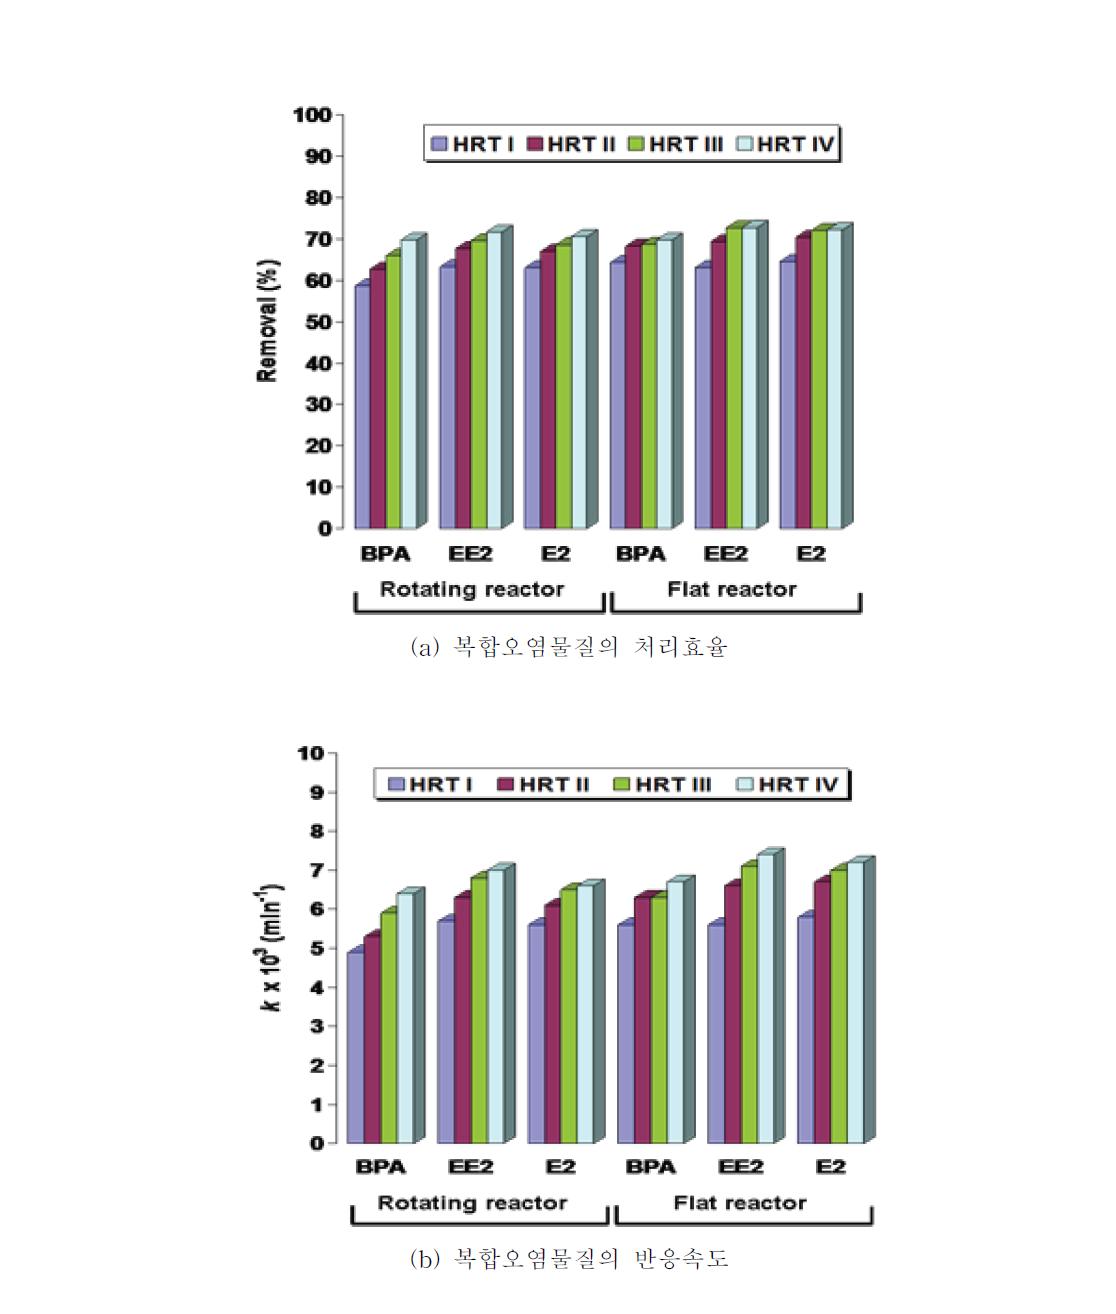 평판형 및 회전형 반응기의 HRT 변화에 따른 EDCs 복합오염물질 (BPA, EE2, E2)의 동시처리효율 및 반응속도 비교